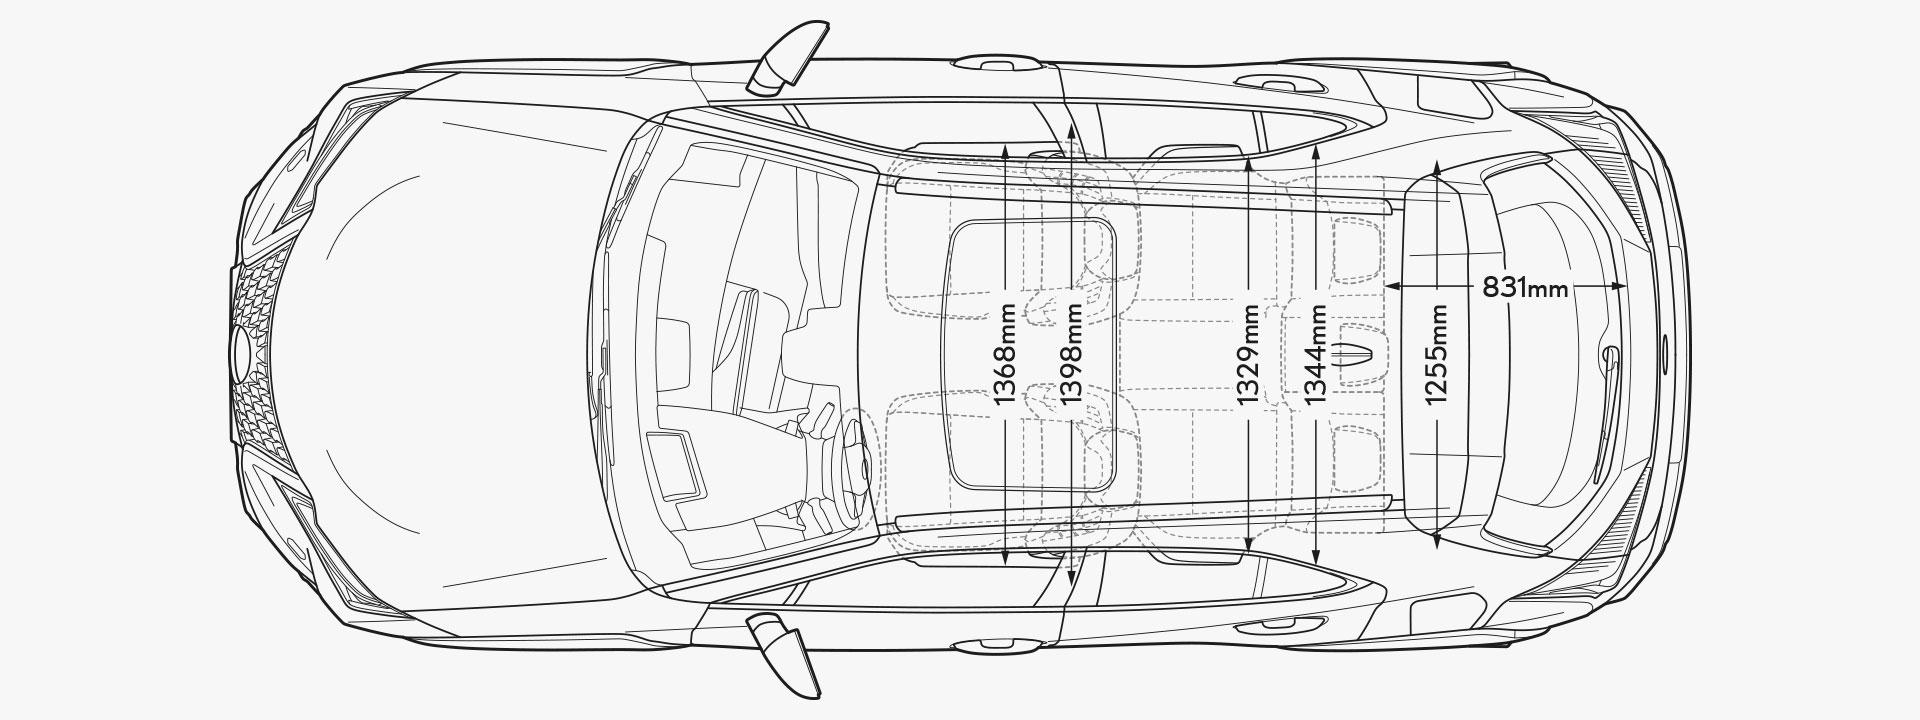 UX 300e Top Dimensions Image